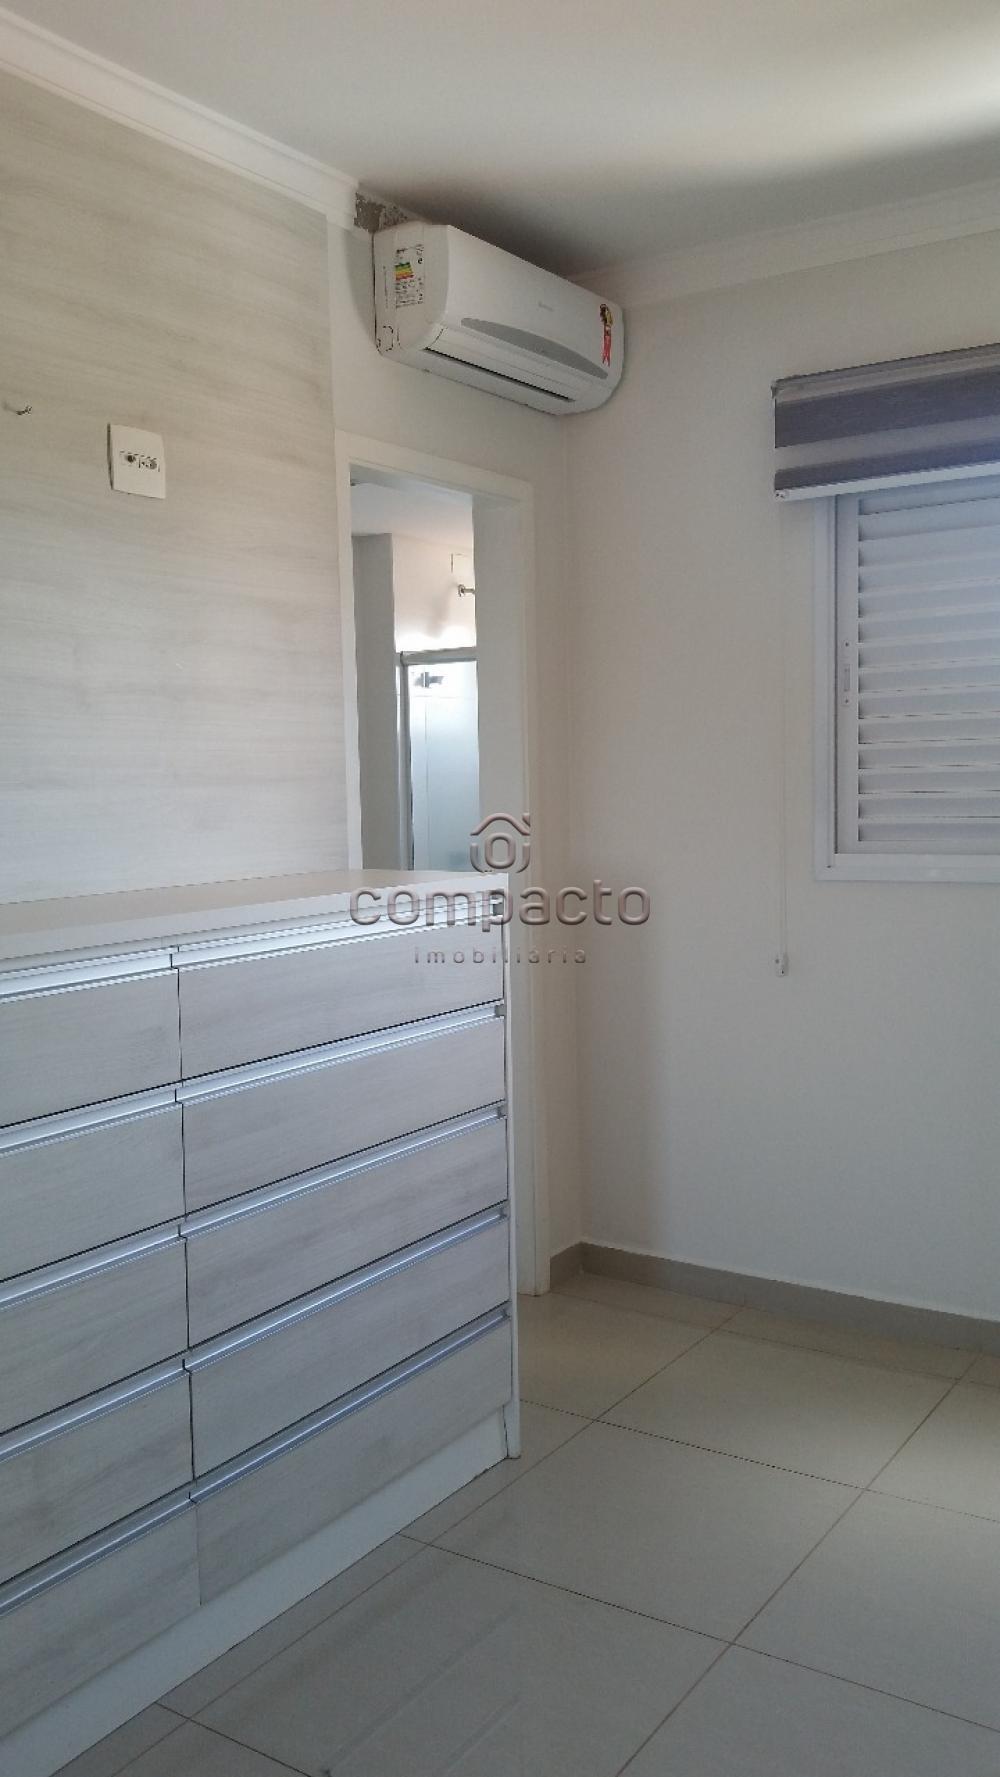 Alugar Apartamento / Padrão em São José do Rio Preto apenas R$ 2.000,00 - Foto 21